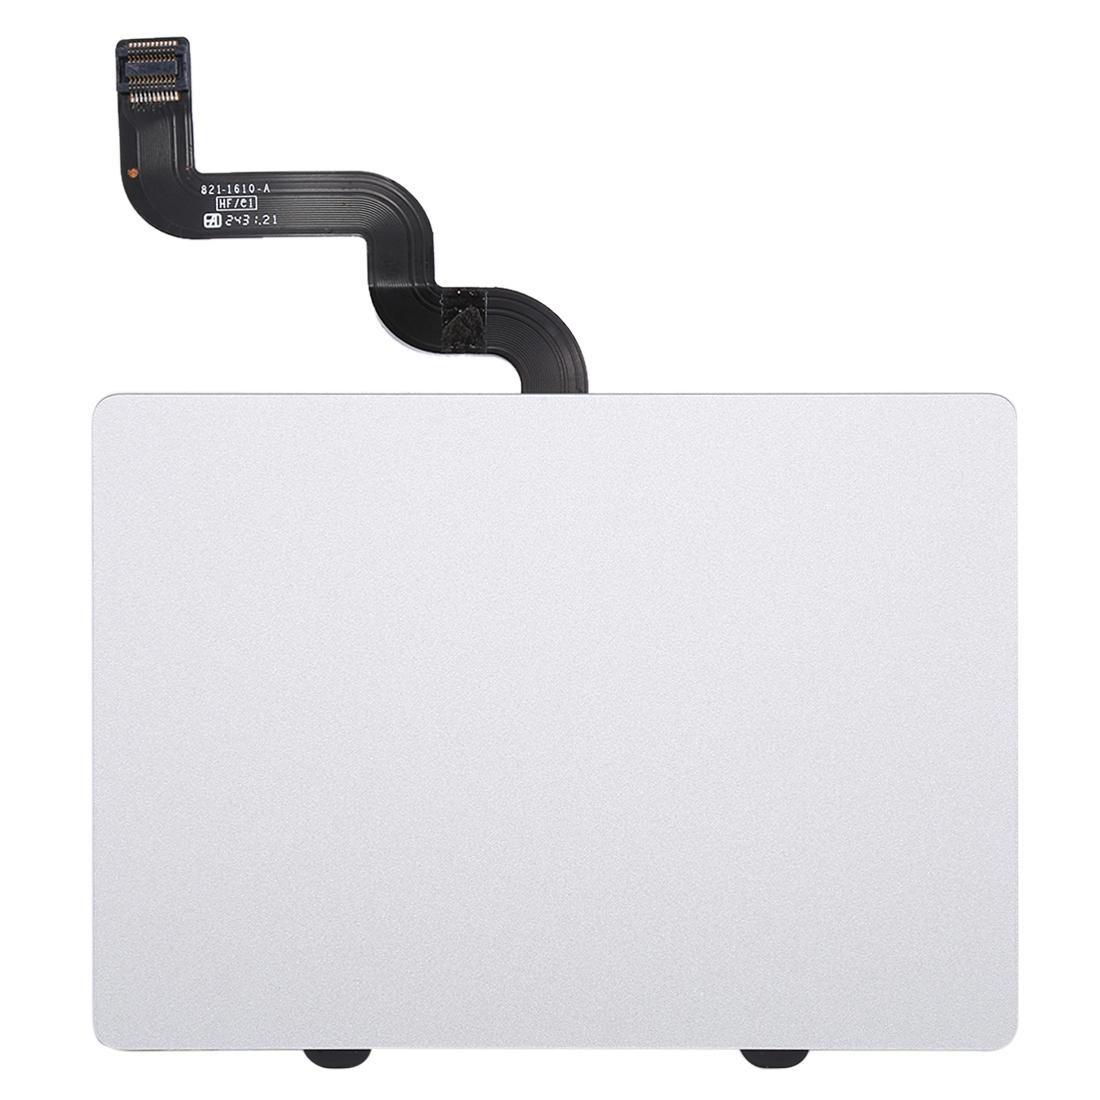 Macbook Pro 13.3 inç için Flex Kablo ile Orijinal Dokunmatik A1398 / MC975 / MC976